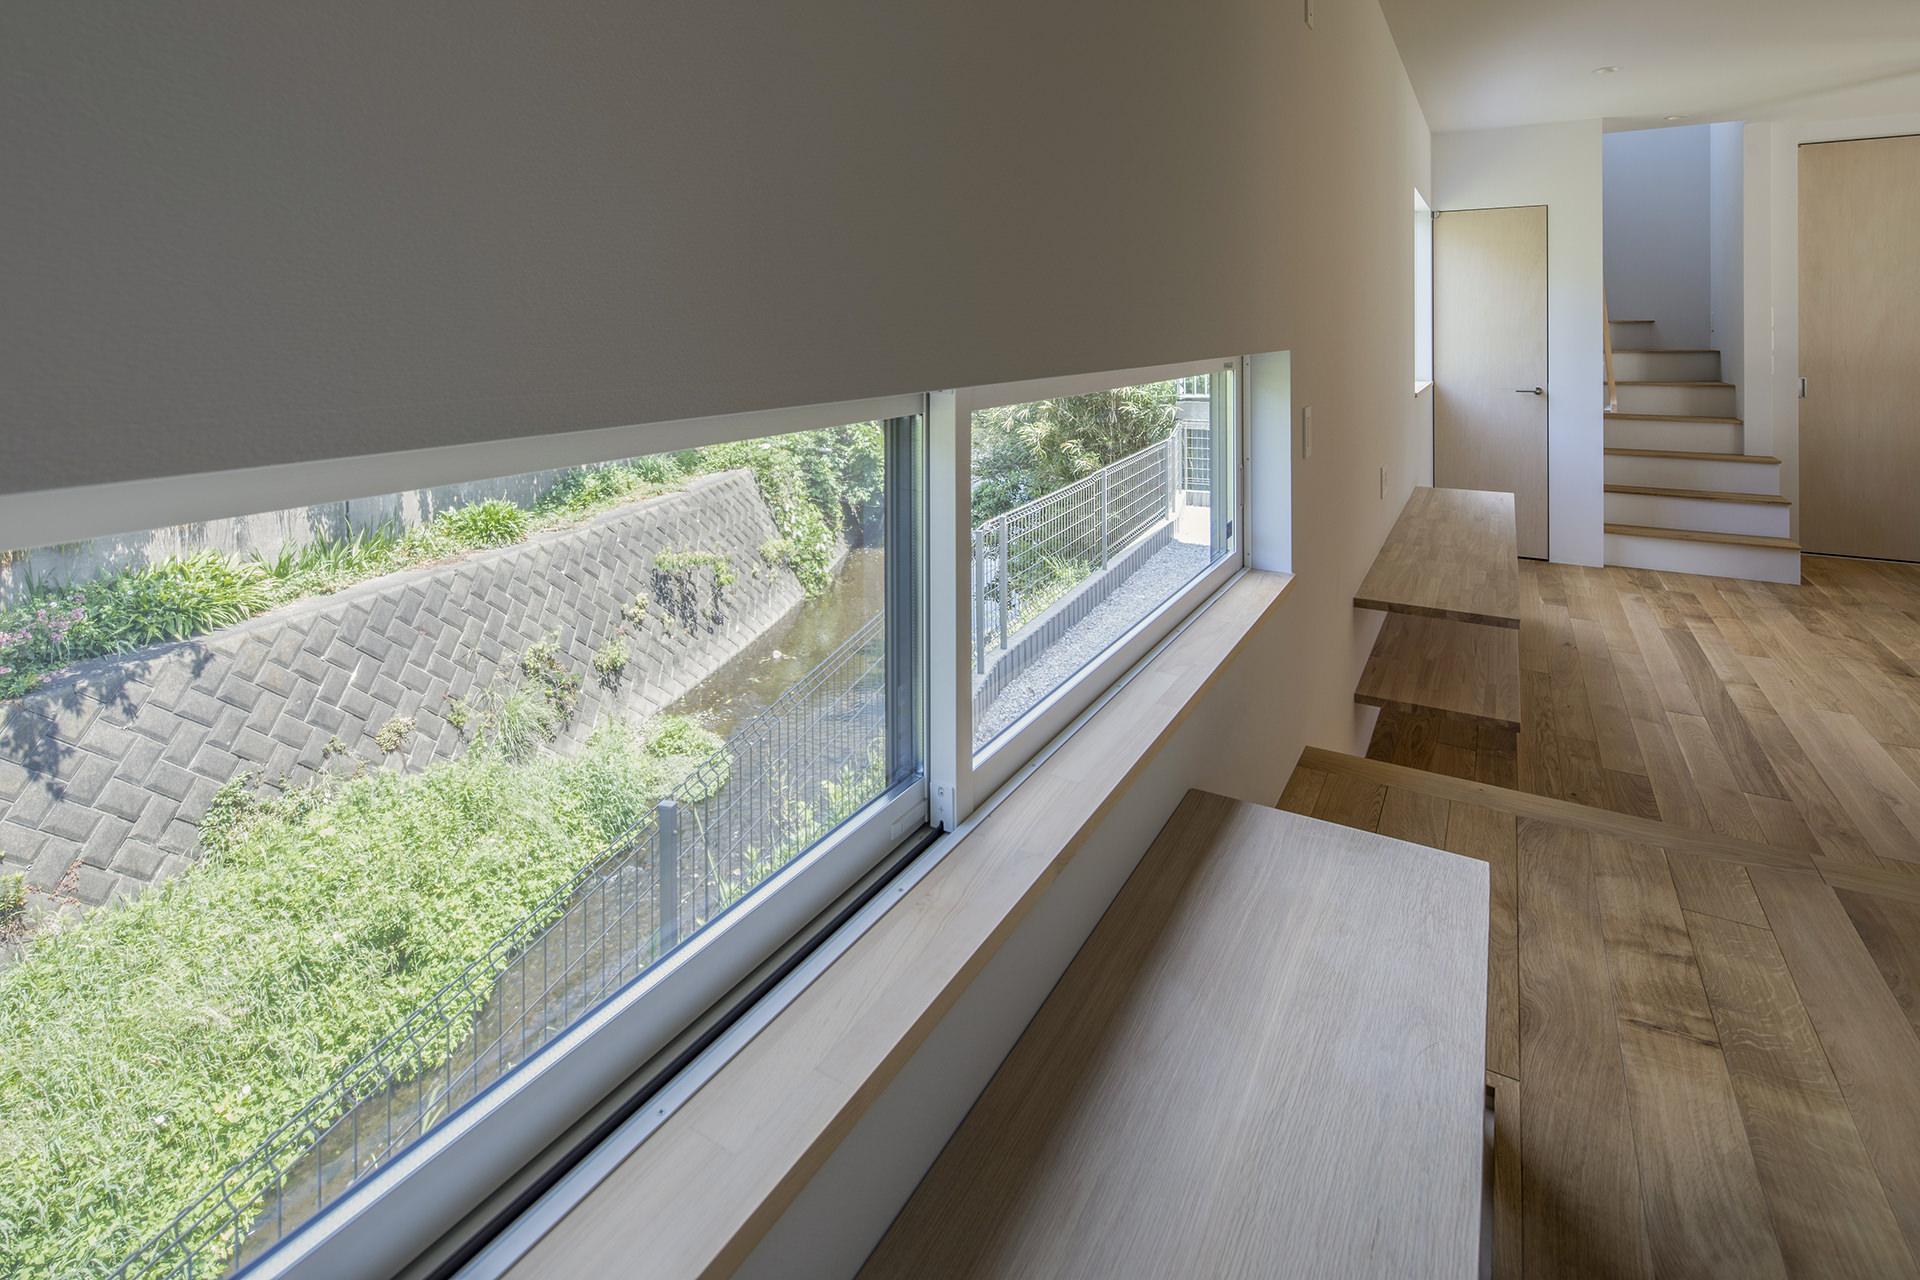 「小屋と畑。余白のある家 」イメージ06 撮影:東涌宏和